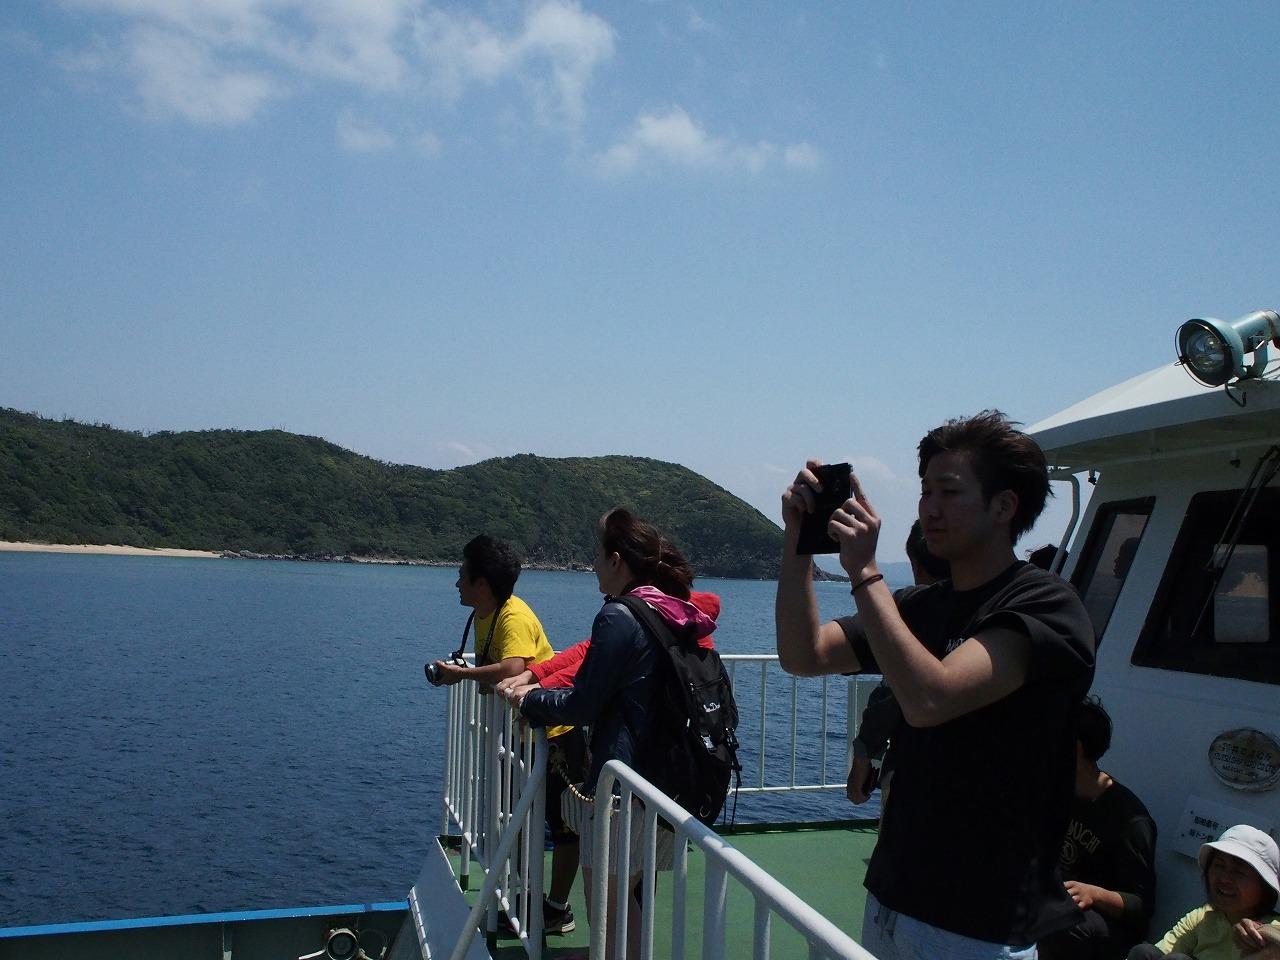 与路島に向かう船で写真を撮る男性